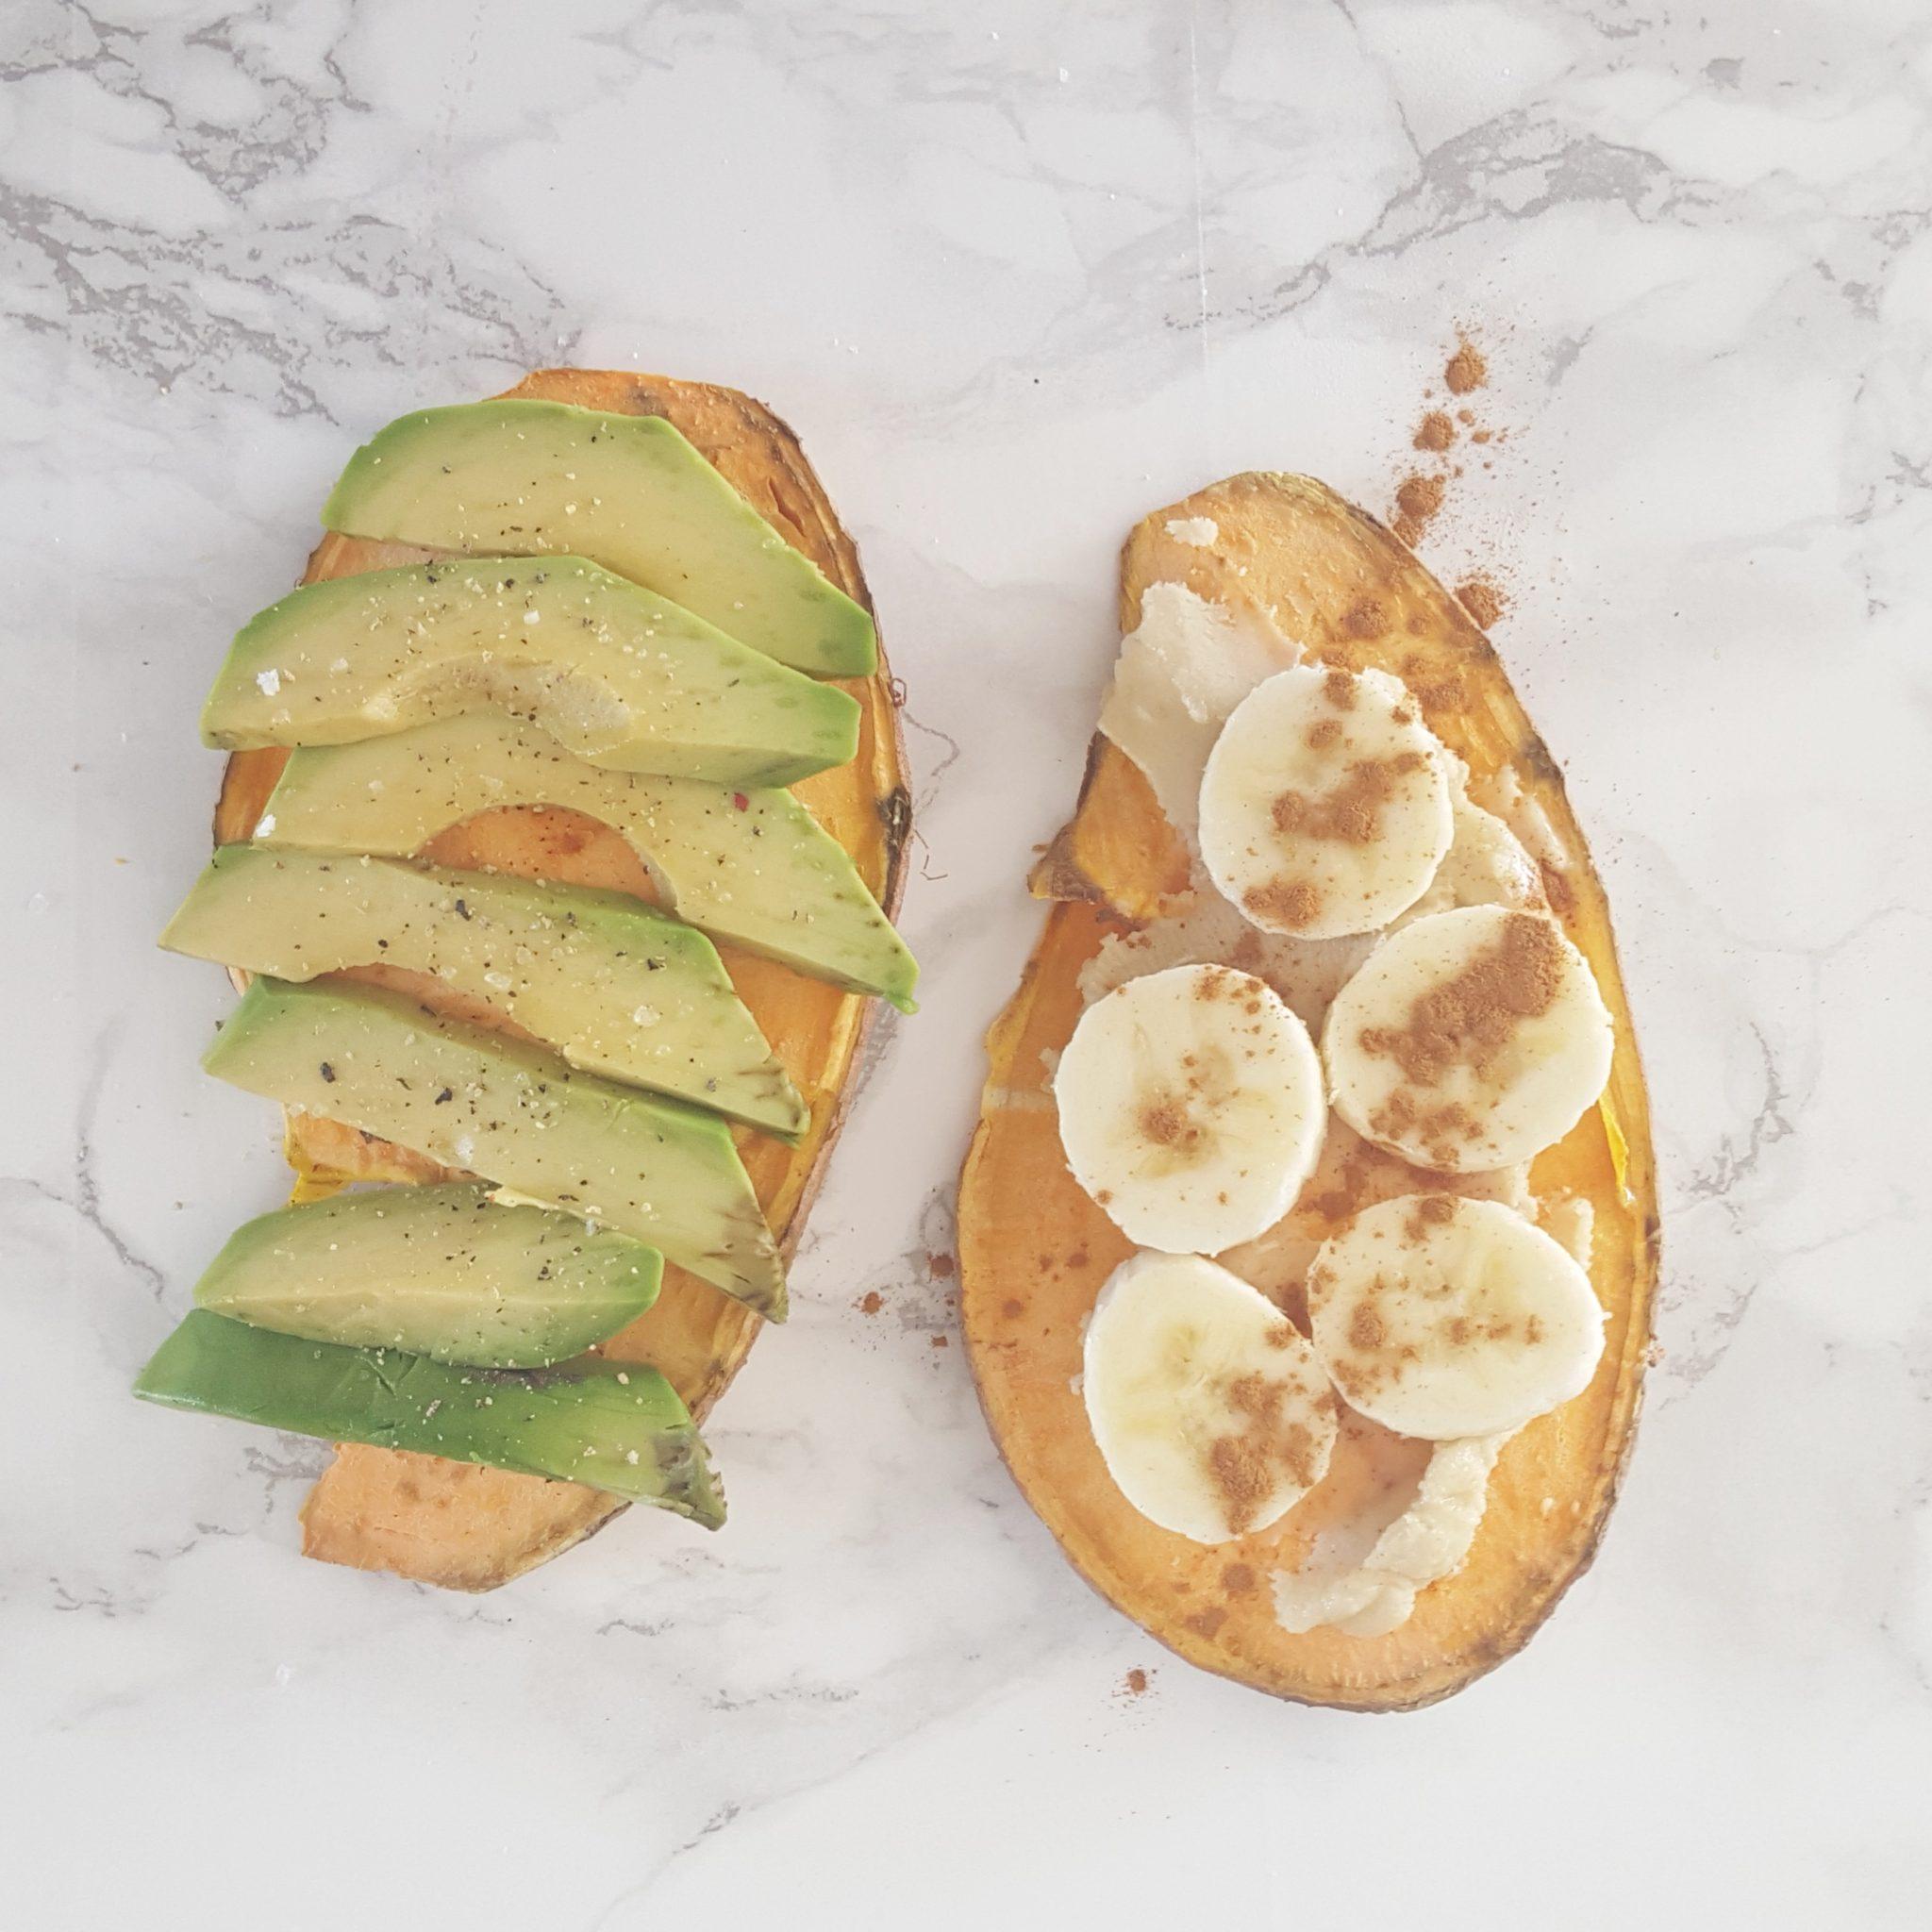 Zoete aardappel toast